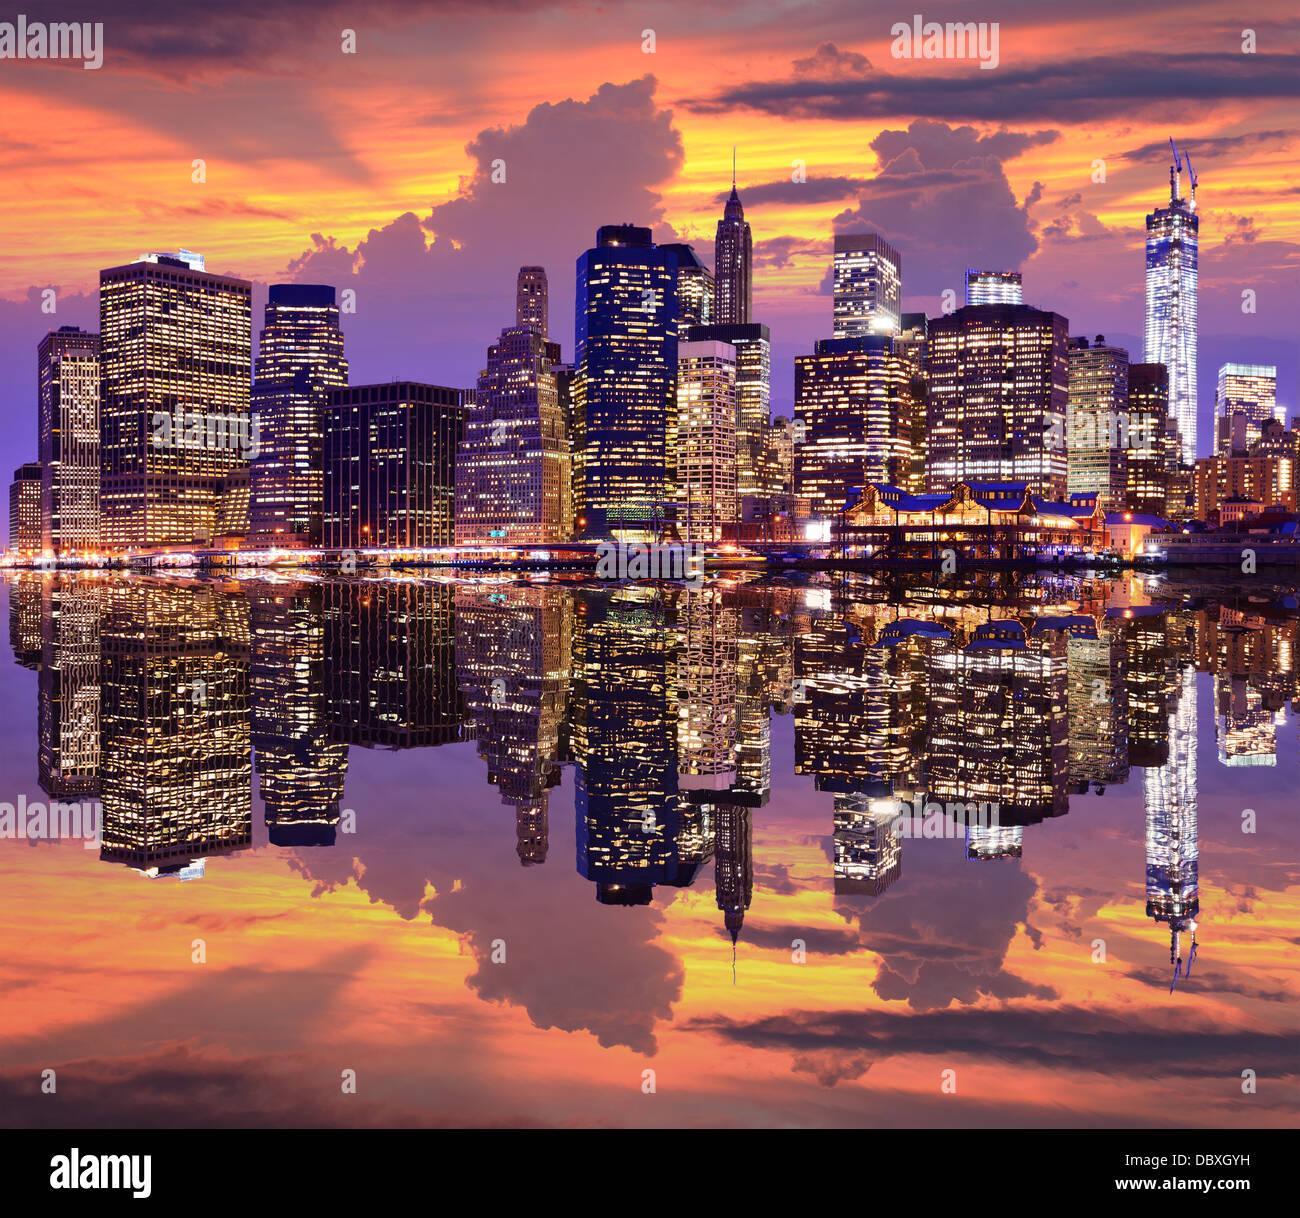 La parte inferiore di Manhattan con drammatica skyline overhead. Immagini Stock